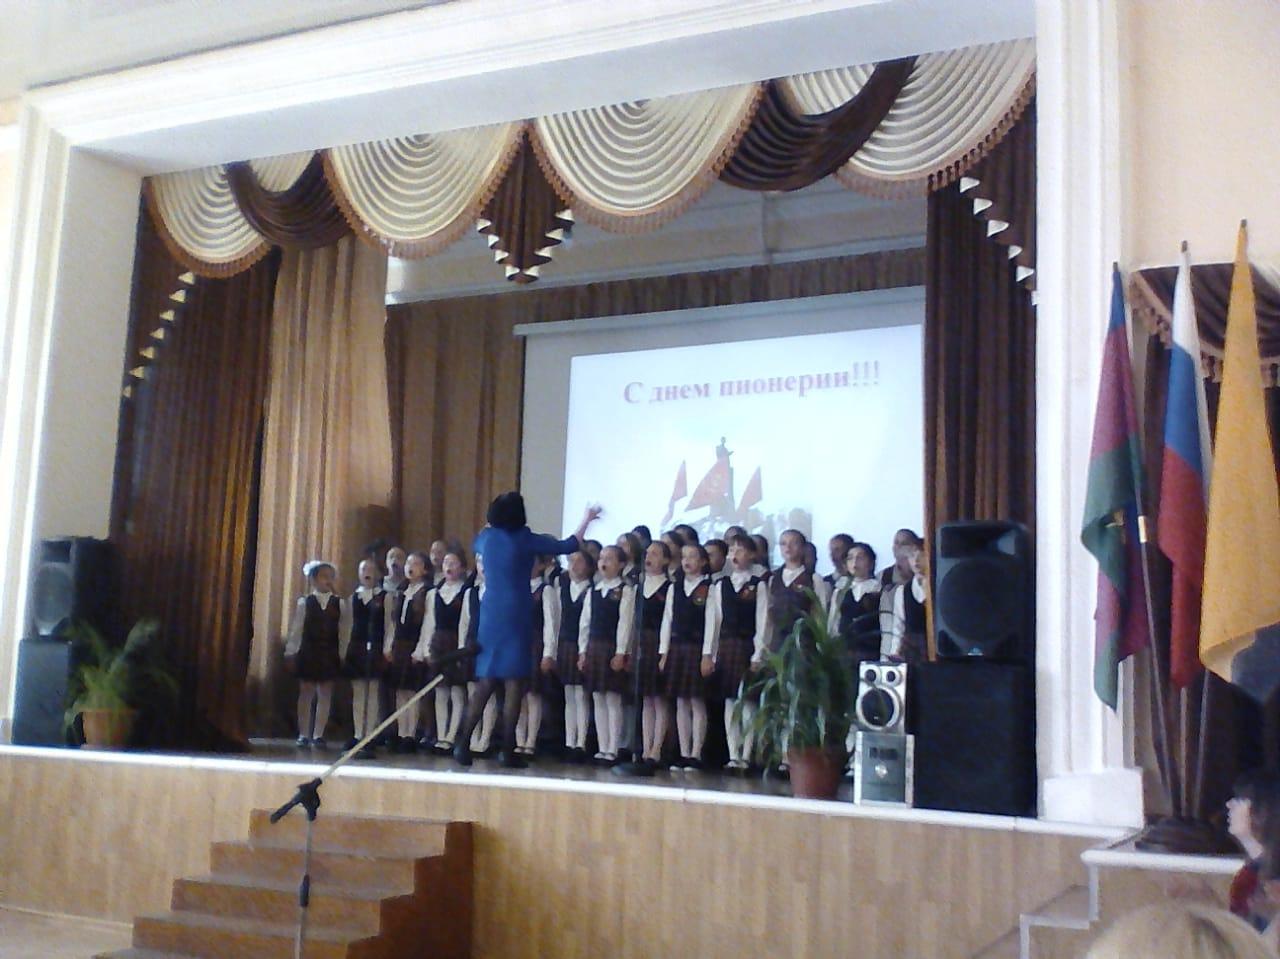 Пионерии первый отряд: встреча поколений в Новороссийске